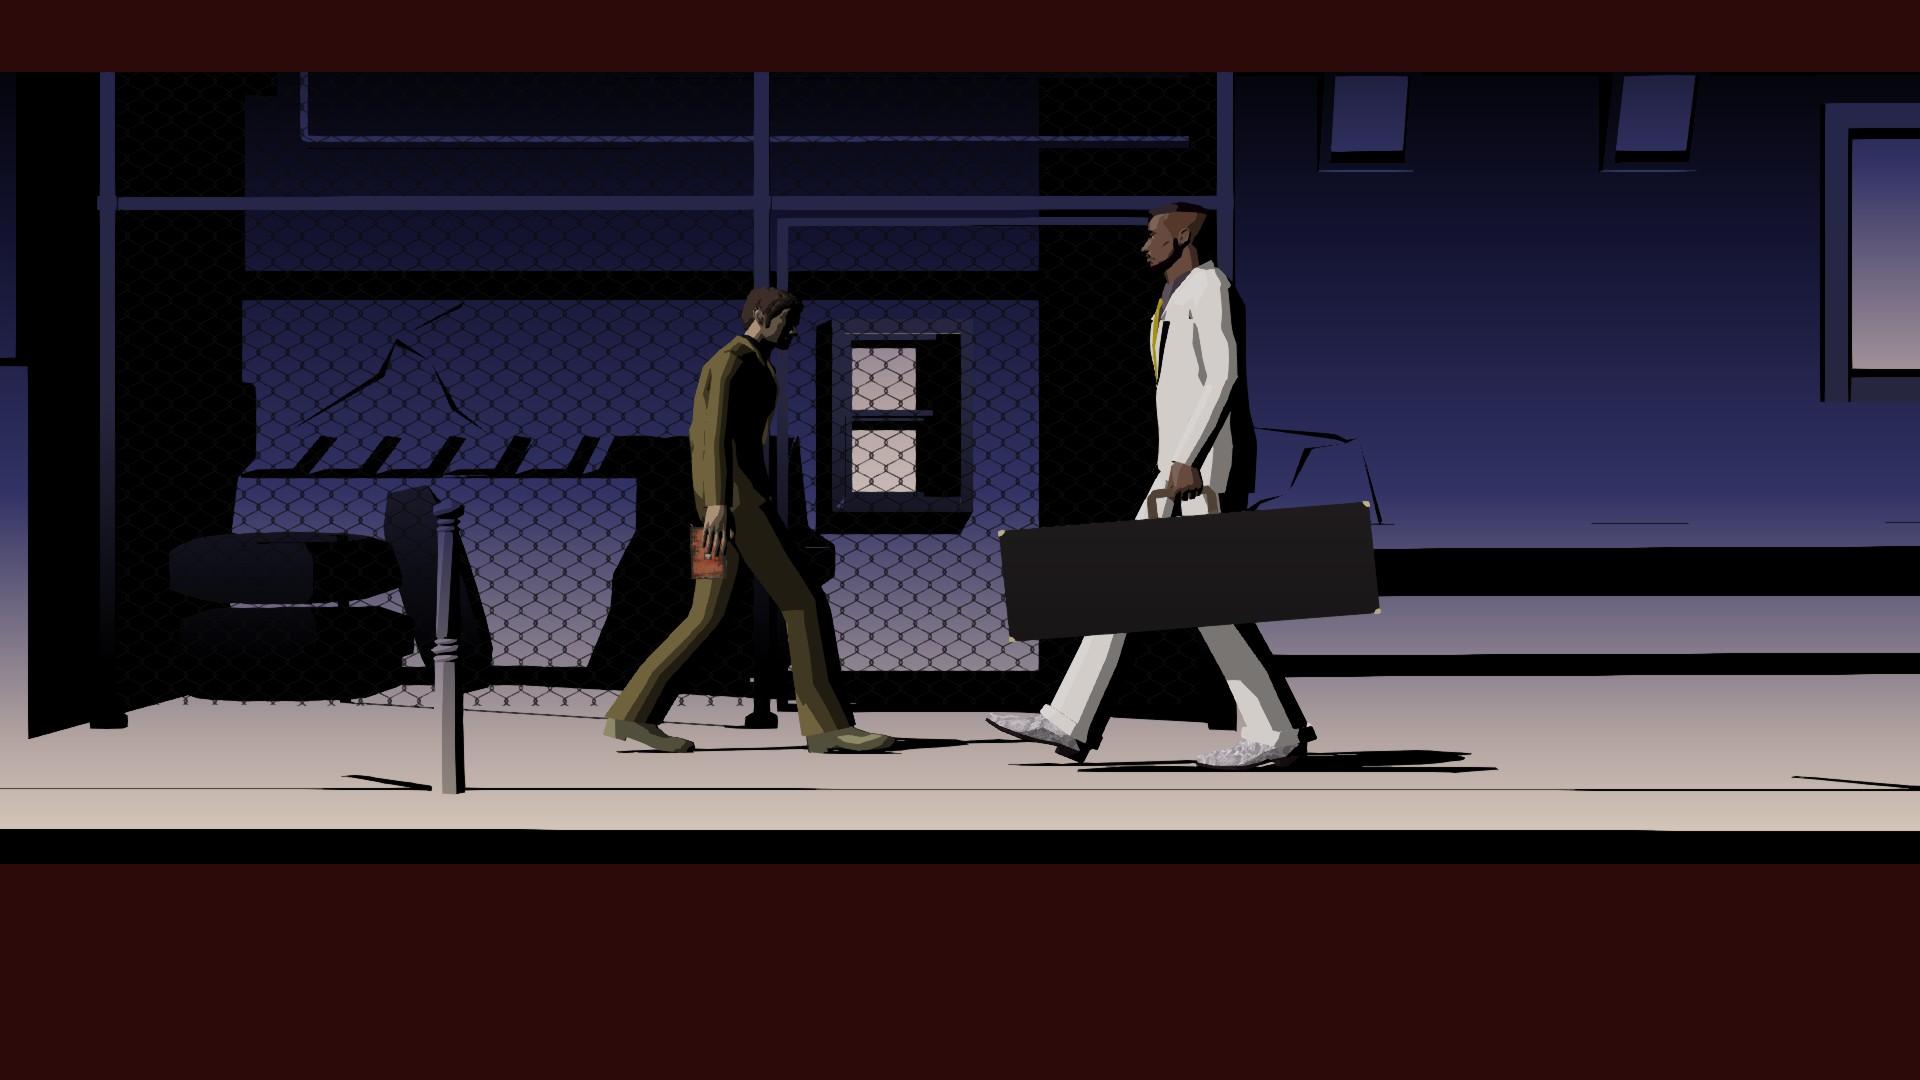 Review: Killer7 screenshot